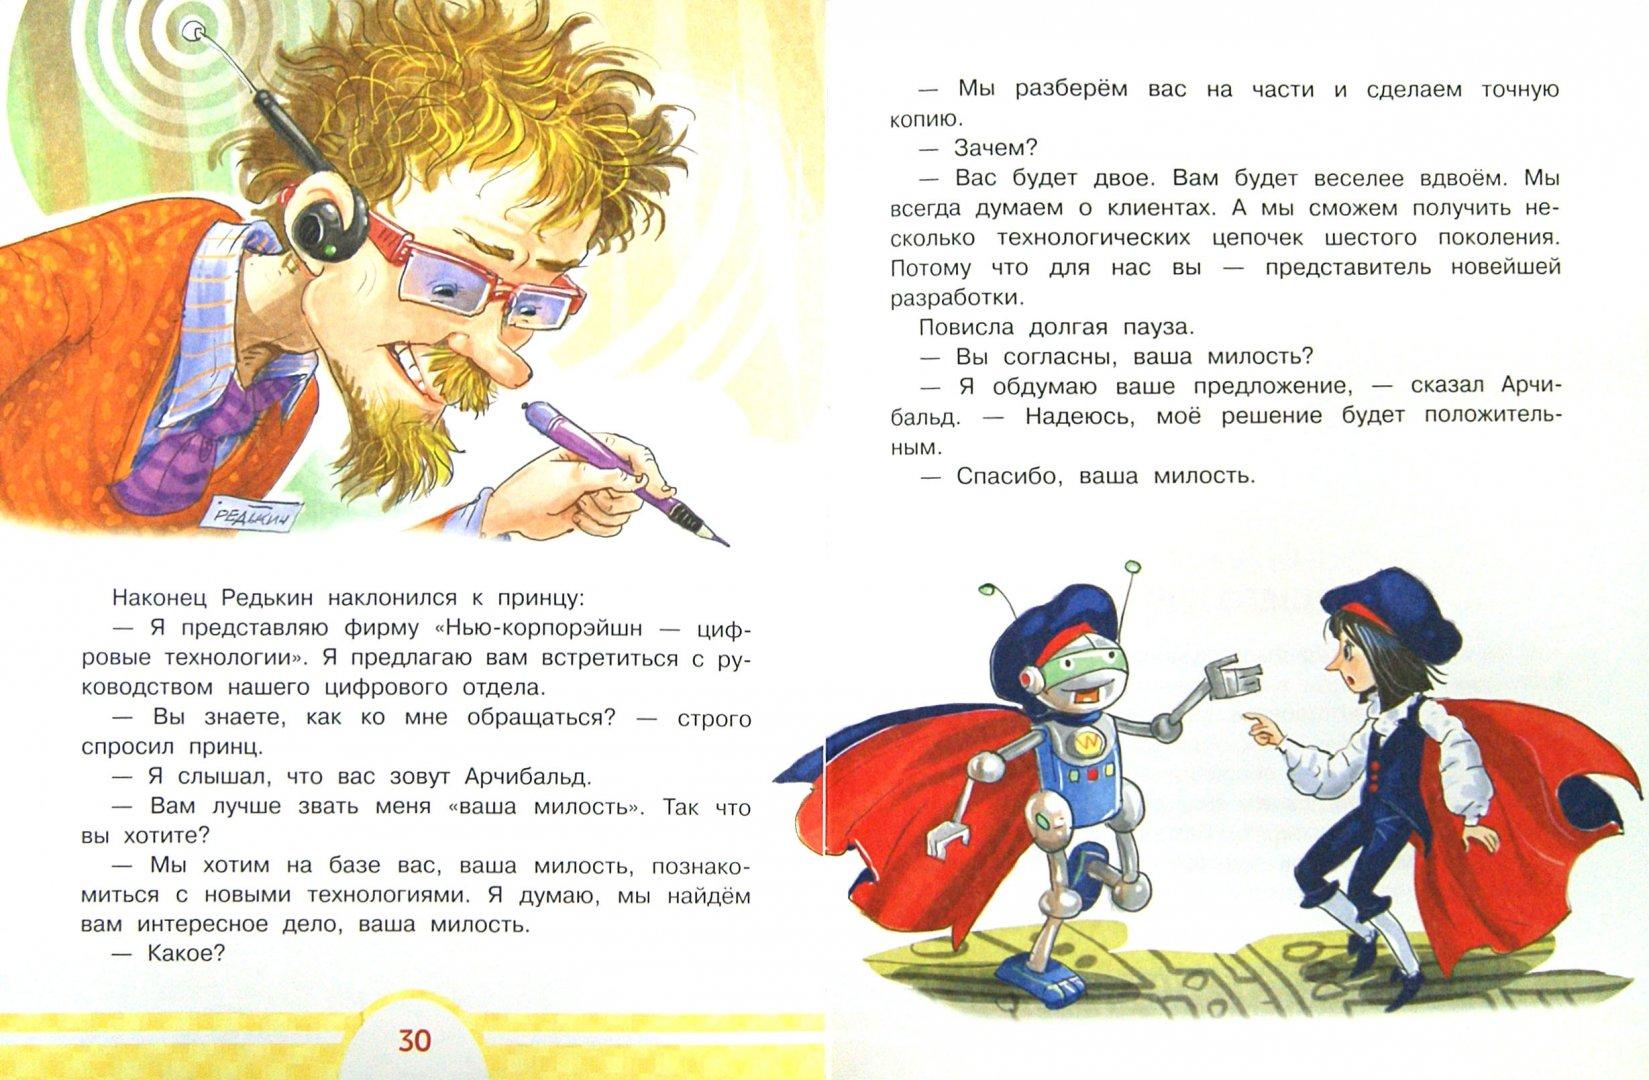 Иллюстрация 1 из 25 для Принц из киндер-яйца - Эдуард Успенский | Лабиринт - книги. Источник: Лабиринт